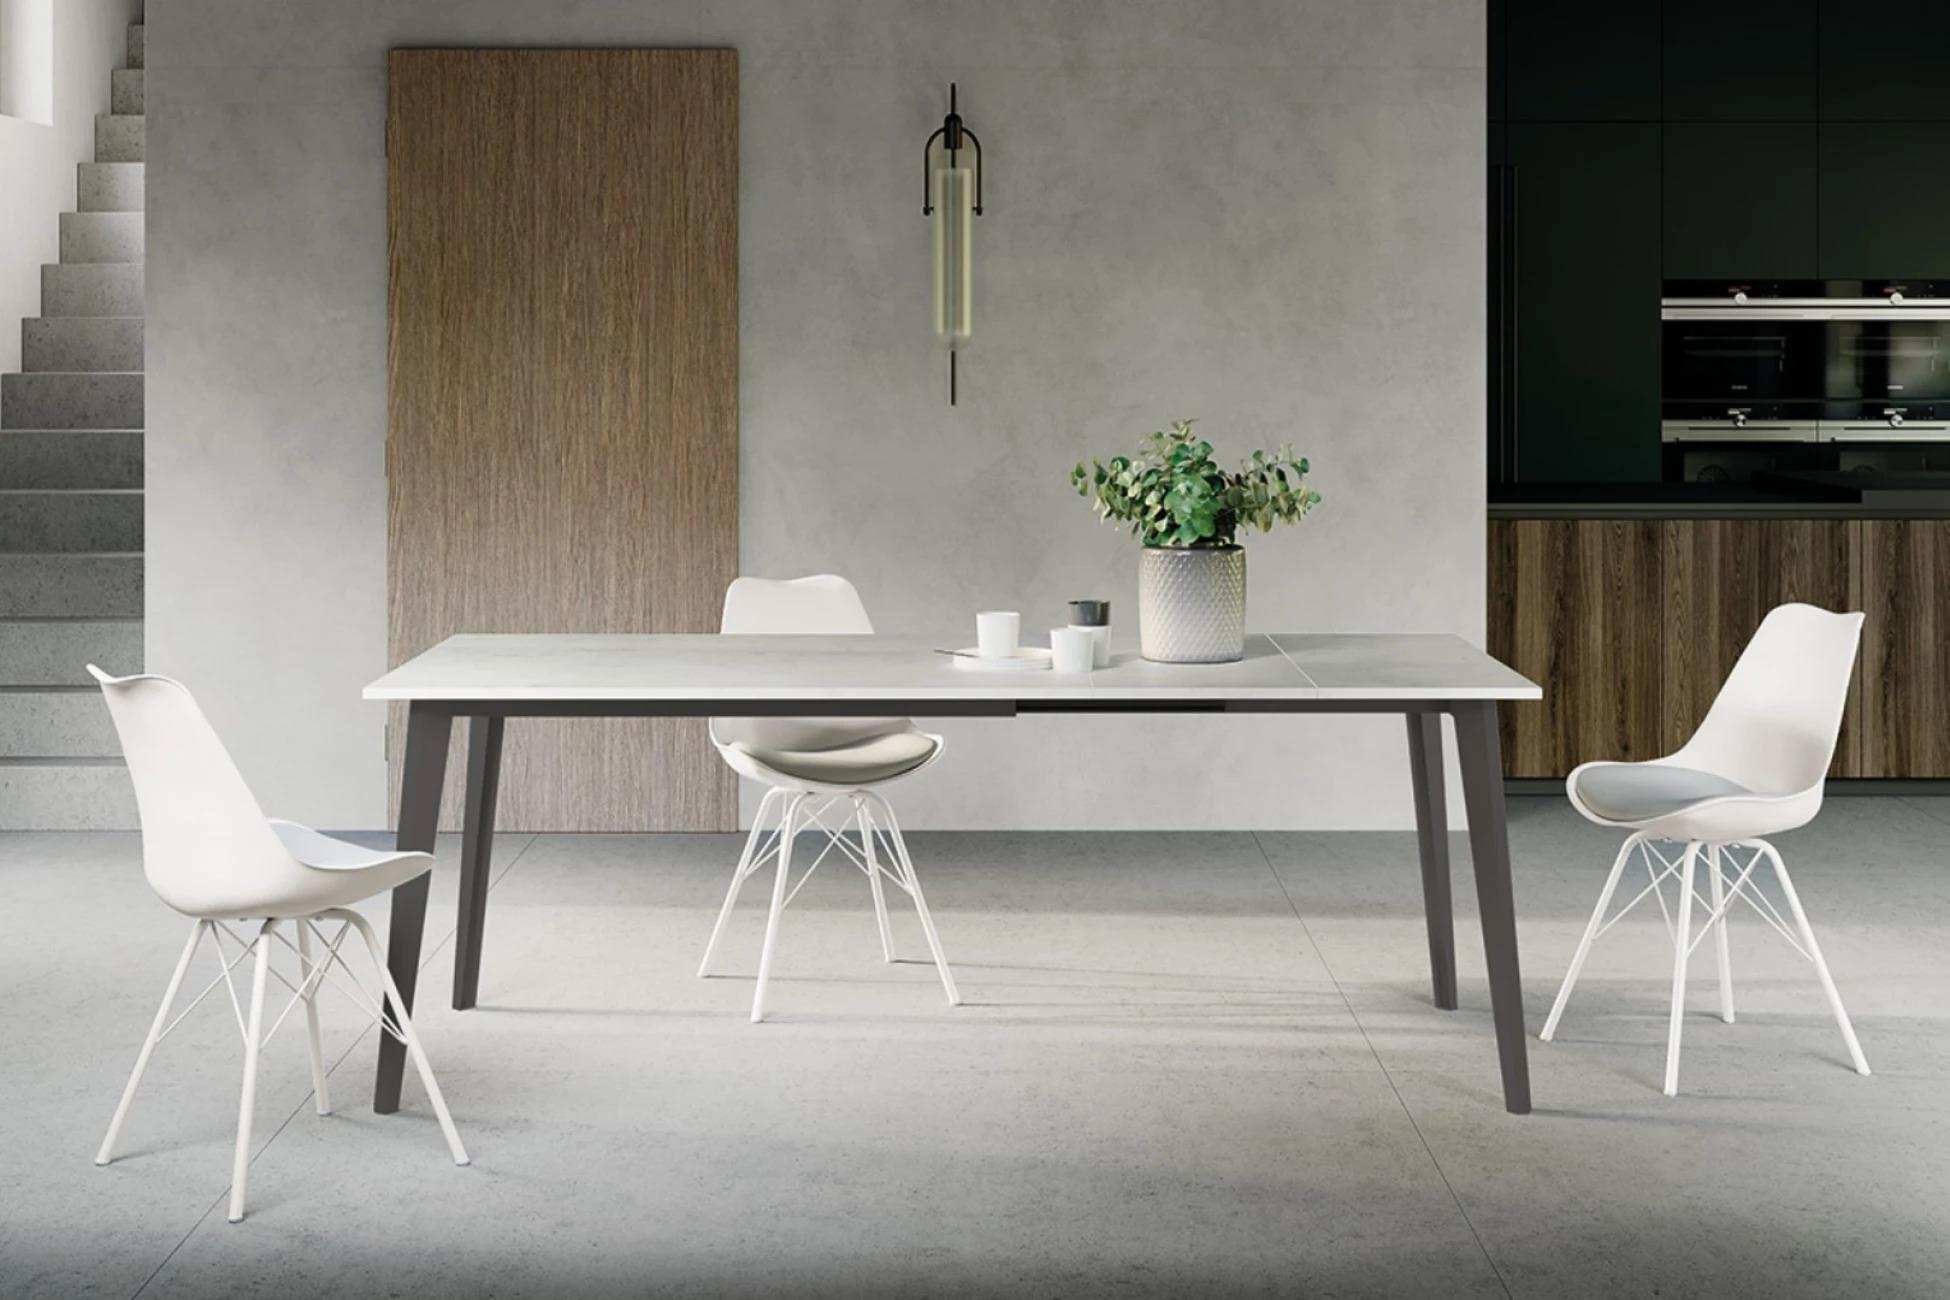 Итальянские столы и стулья в современном стиле от Arredo3